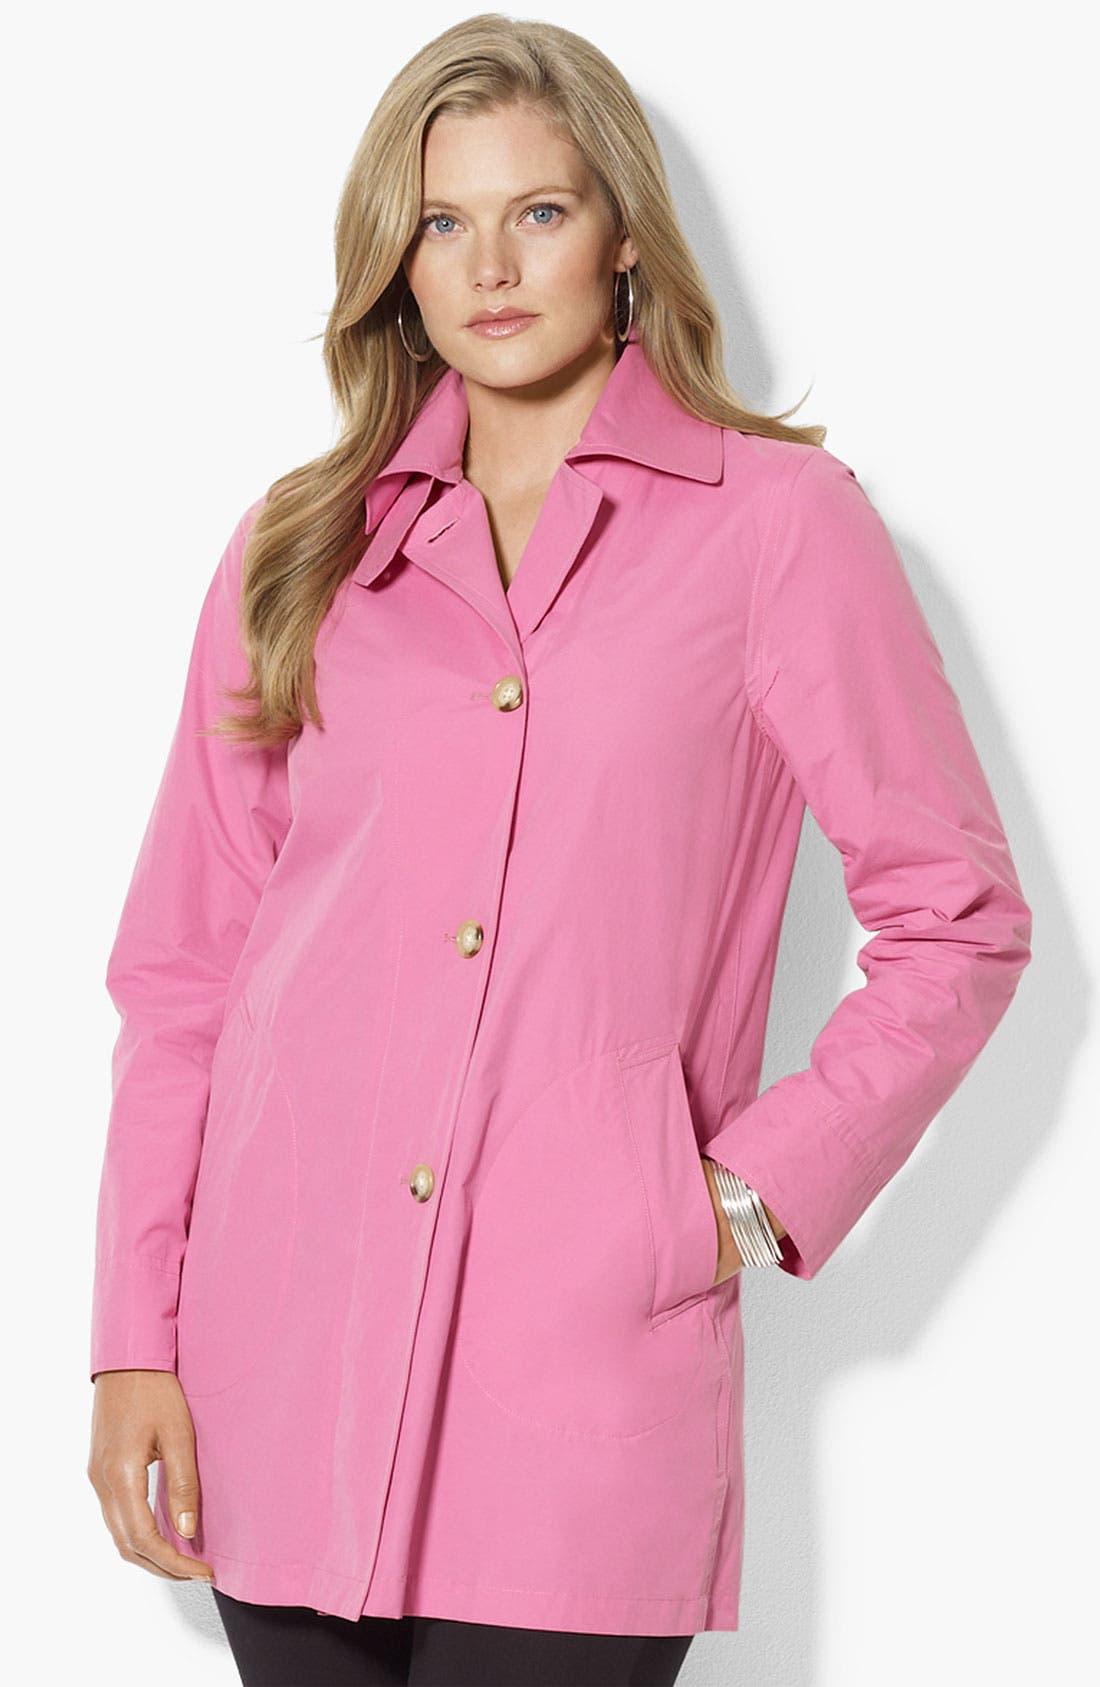 Alternate Image 1 Selected - Lauren Ralph Lauren Stand Collar Jacket (Plus)